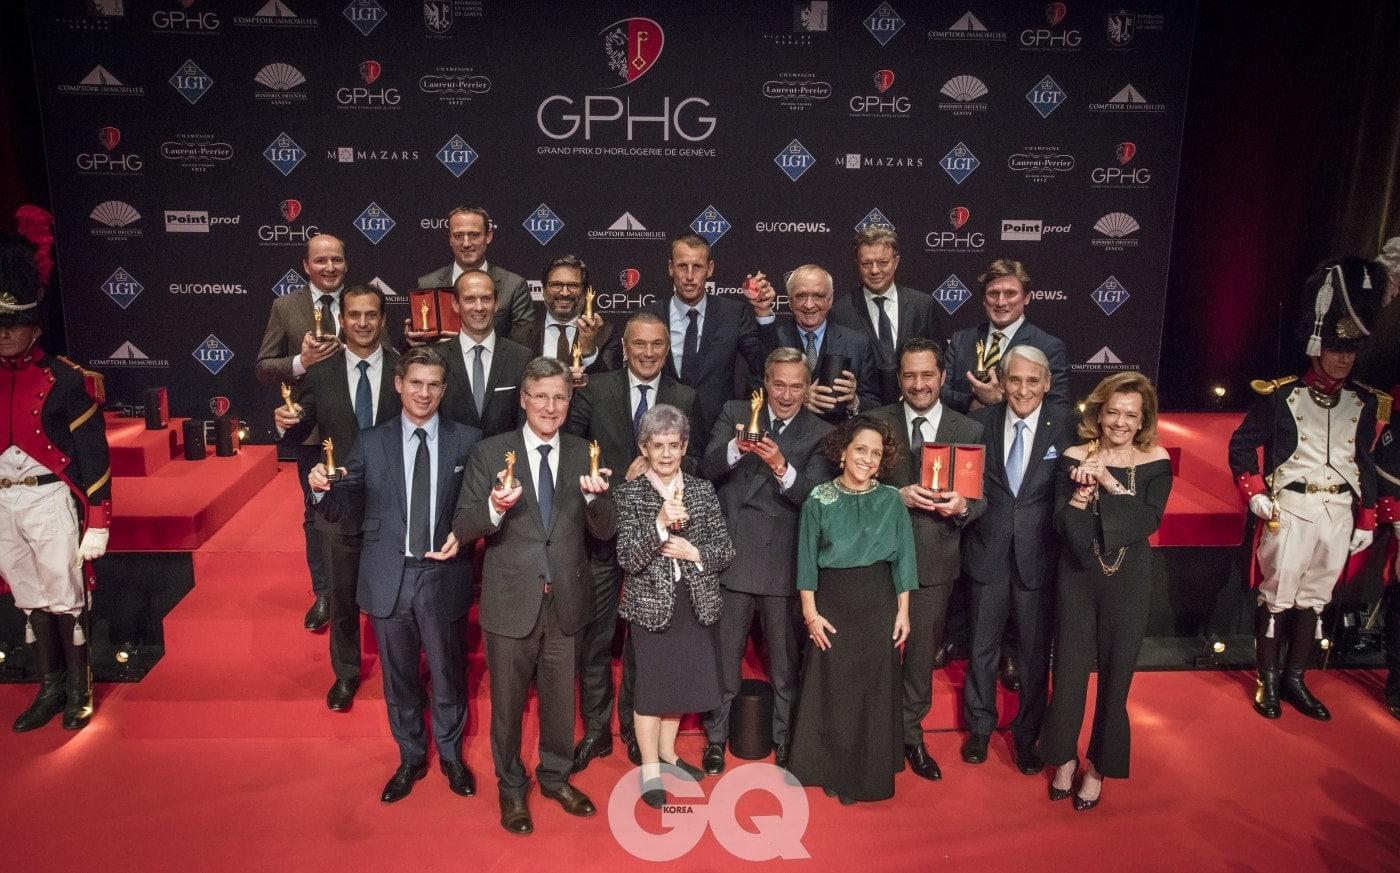 2017년 에서 수상한 워치 메이커와 브랜드 CEO들이 트로피를 들고 함께 기념사진을 찍었다.